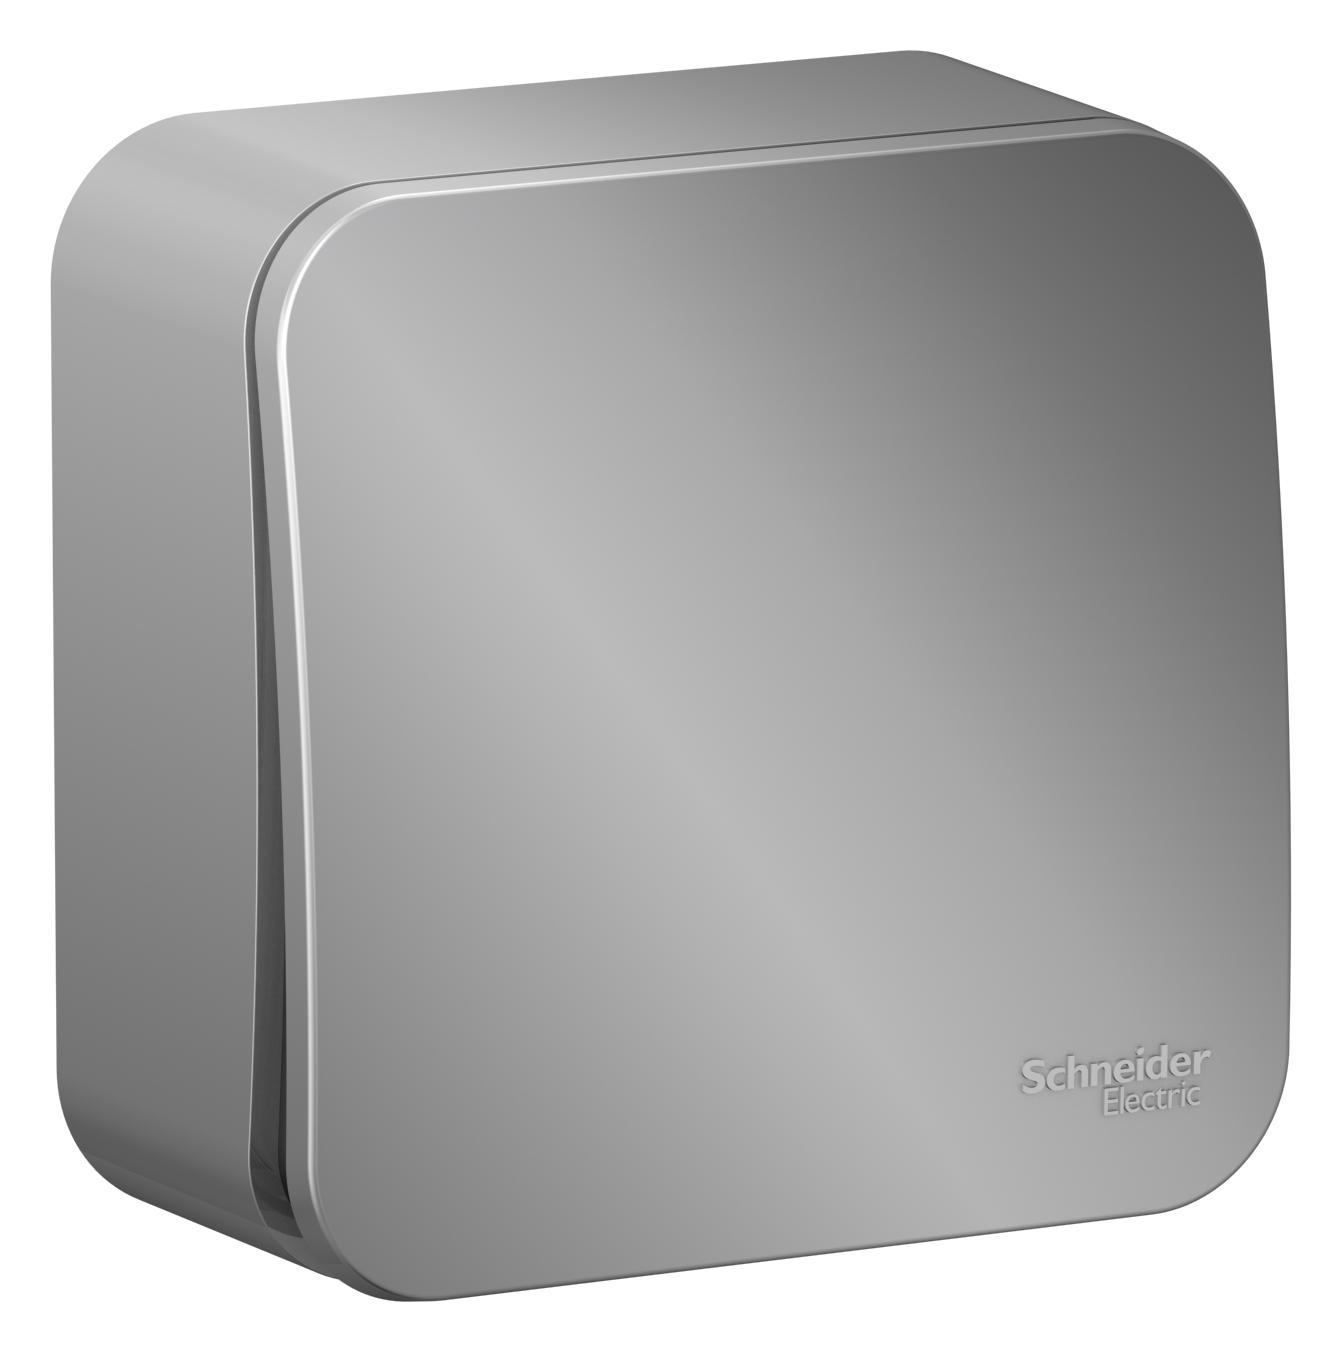 Выключатель Schneider electric Blnva101013 blanca выключатель schneider electric blnva105014 blanca